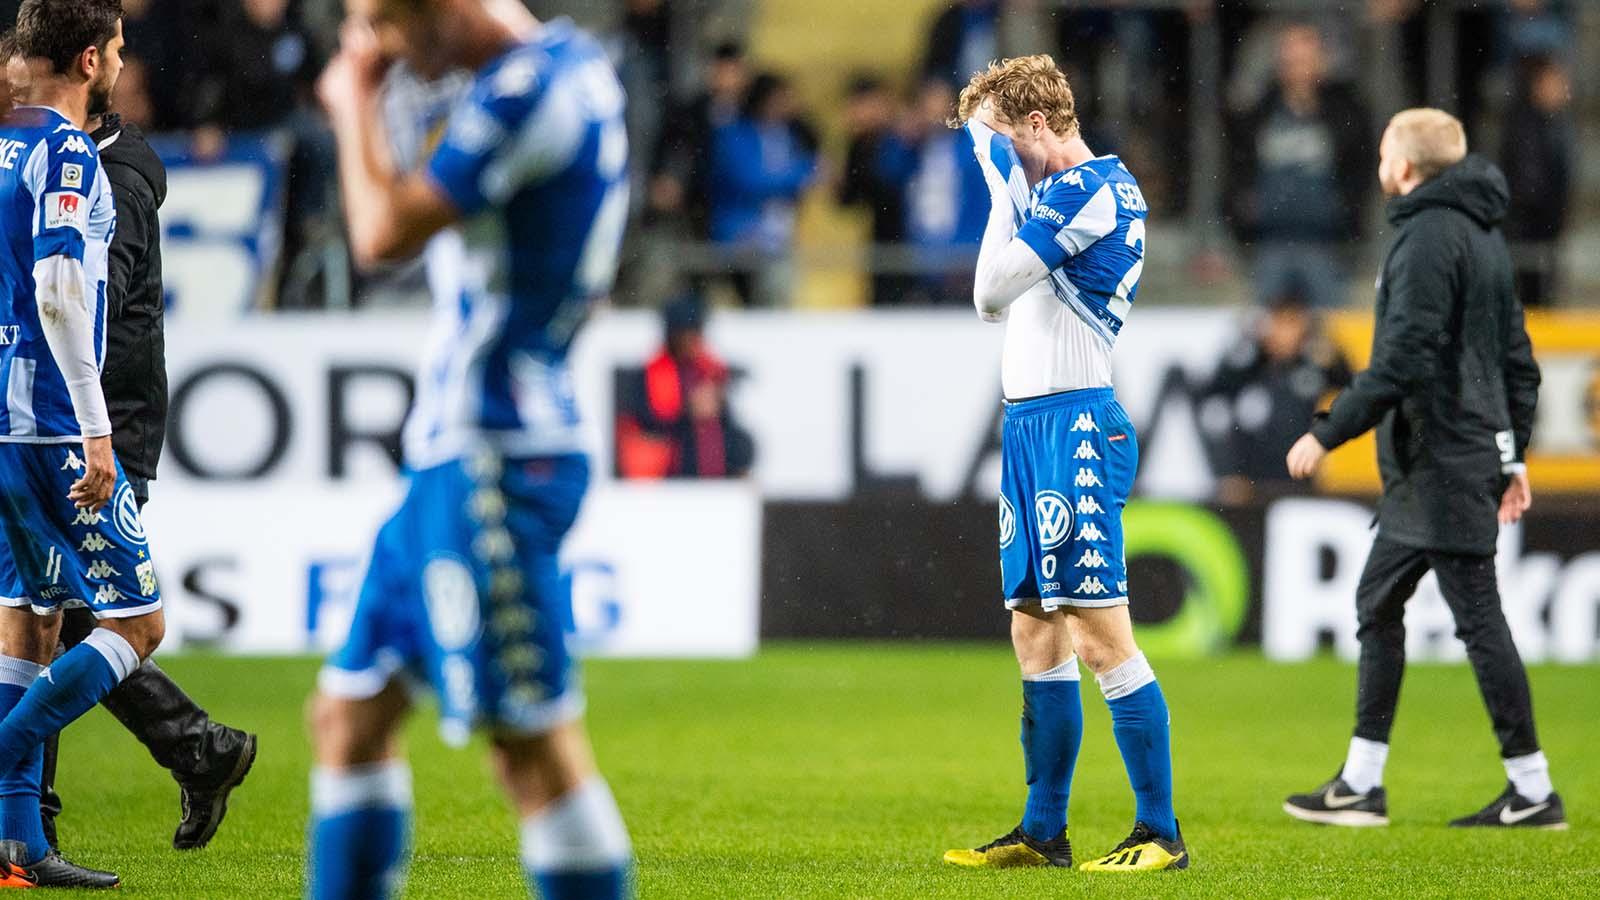 180927 IFK Göteborgs Victor Wernersson deppar efter fotbollsmatchen i Allsvenskan mellan IFK Göteborg och AIK den 27 september 2018 i Göteborg. Foto: Carl Sandin / BILDBYRÅN / kod CS / 57999_383